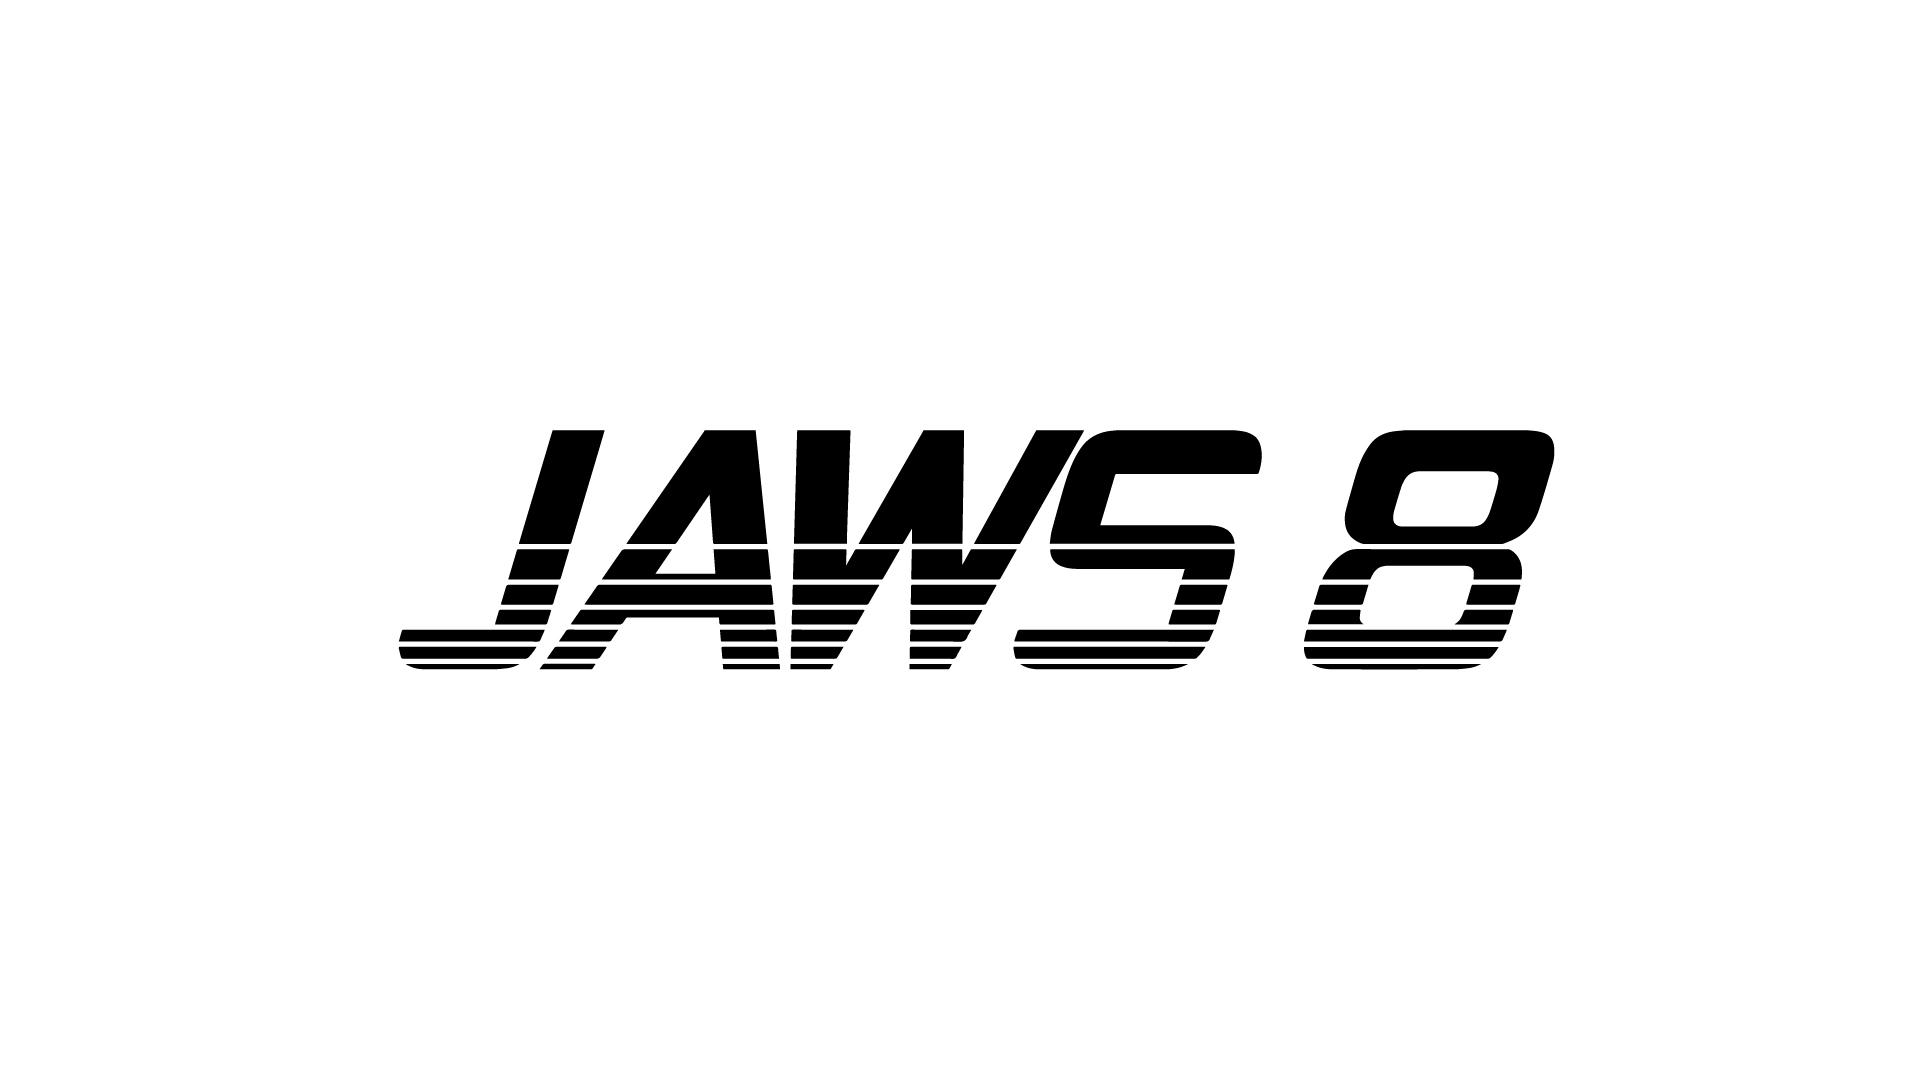 JAWS_Vectors-08